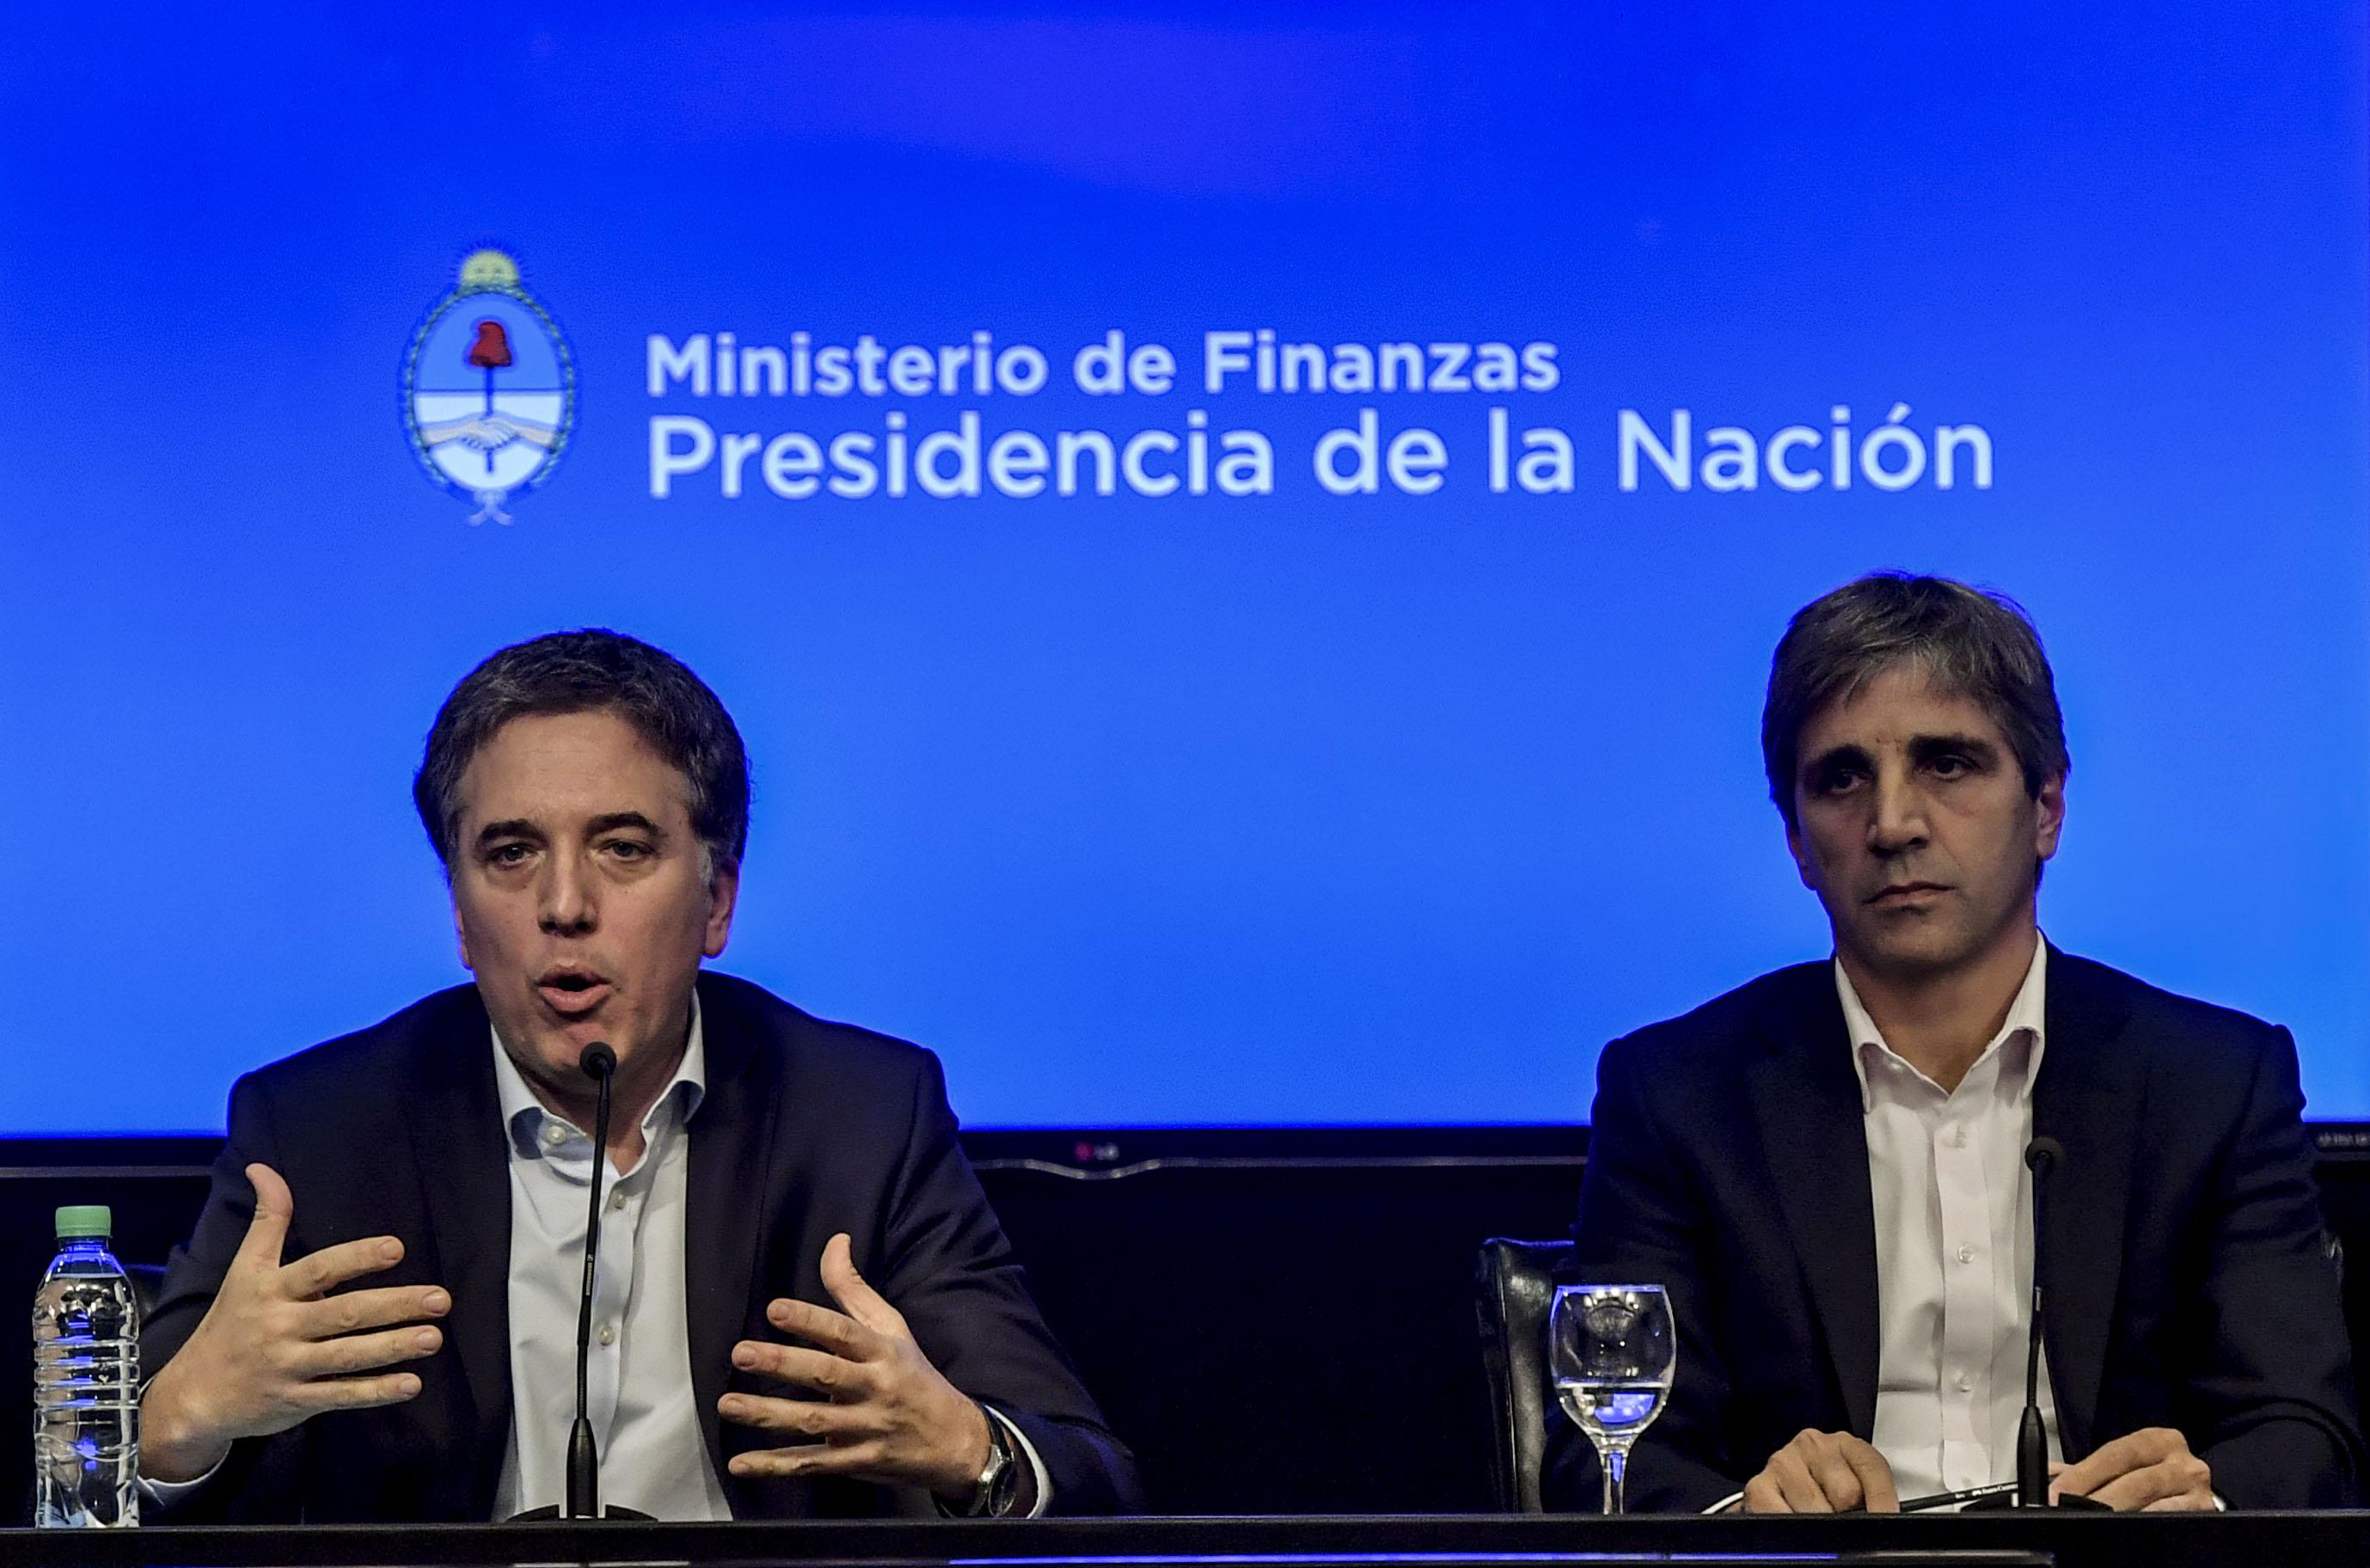 El ministro de Finanzas, Caputo, junto al de Hacienda, Dujovne (Télam)